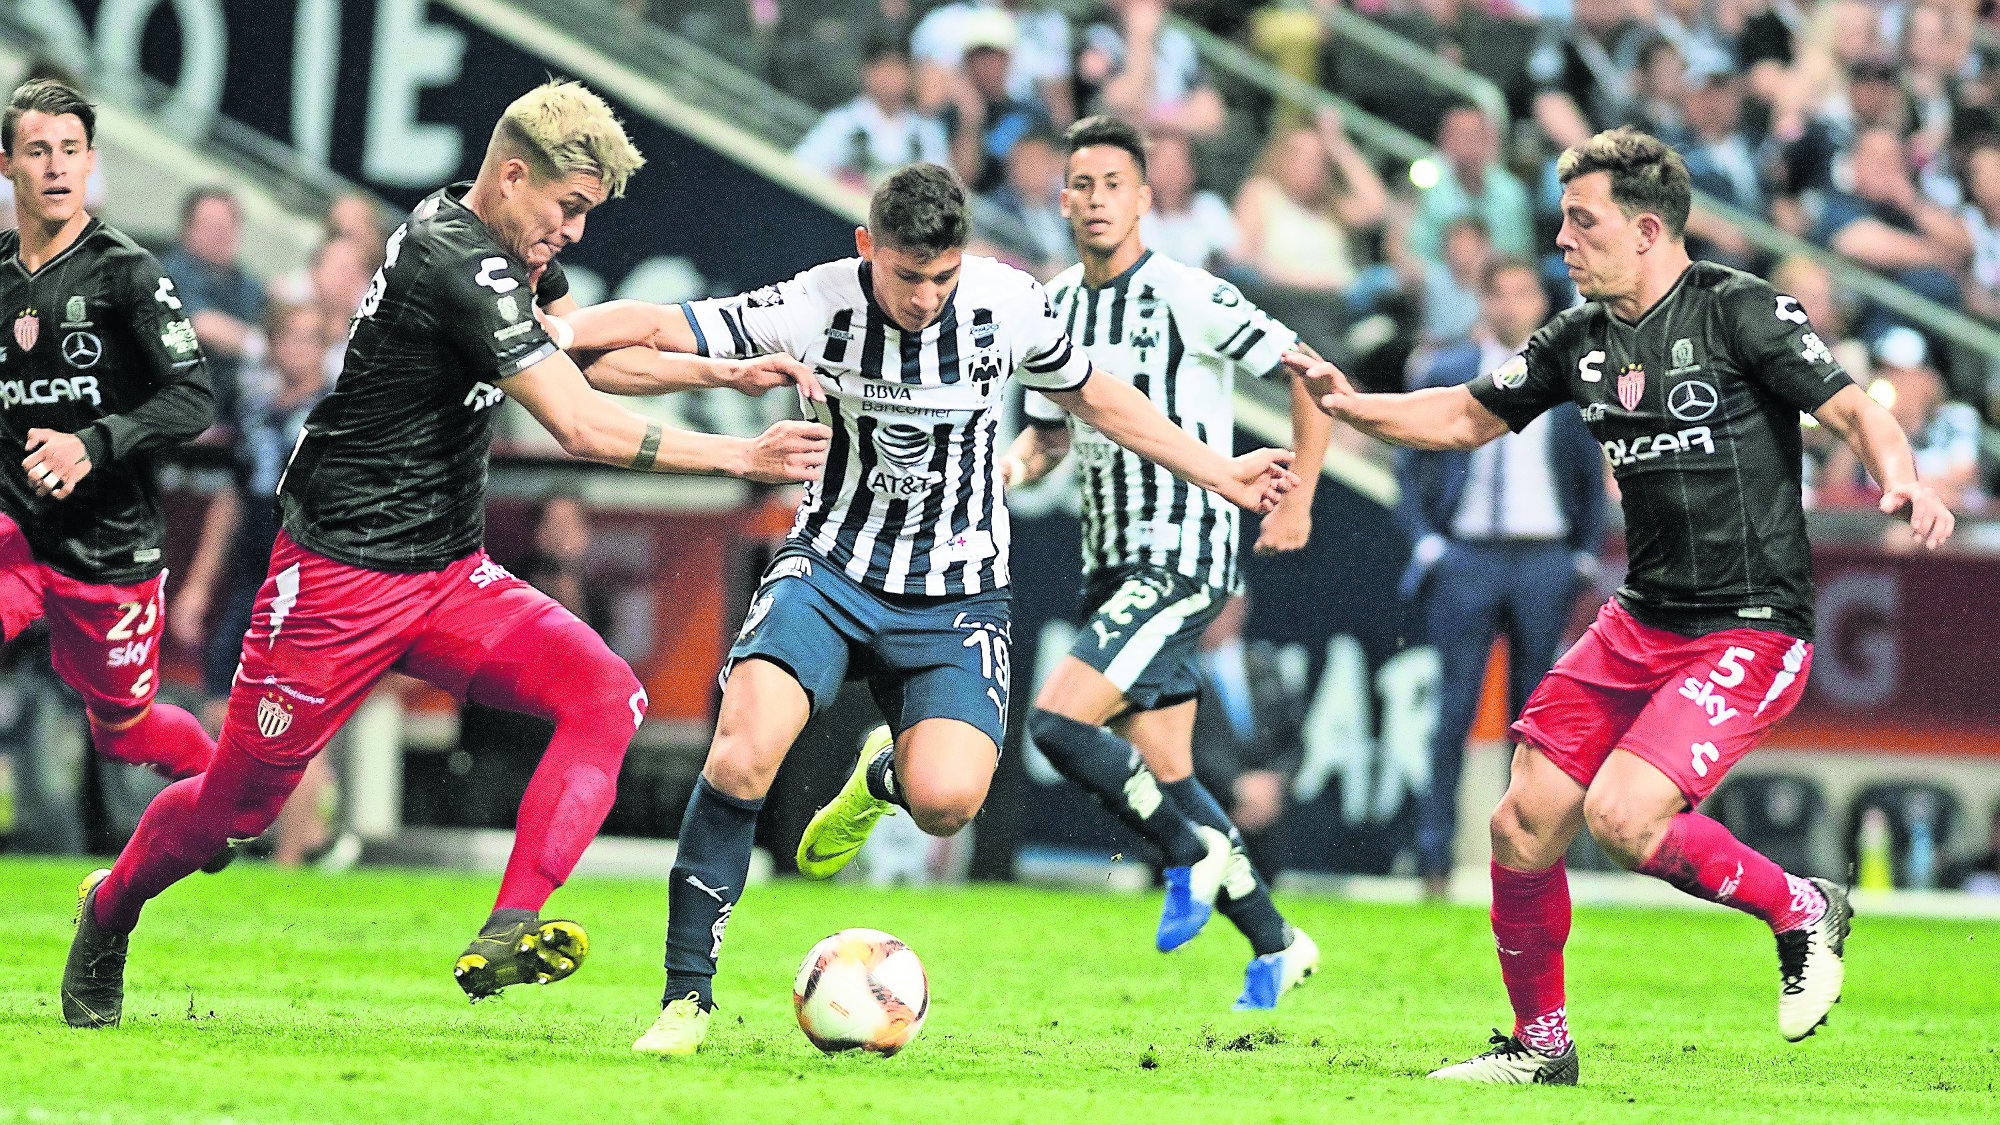 Monterrey vs Rayos del Necaxa Empate Liguilla 2019 Fútbol nacional